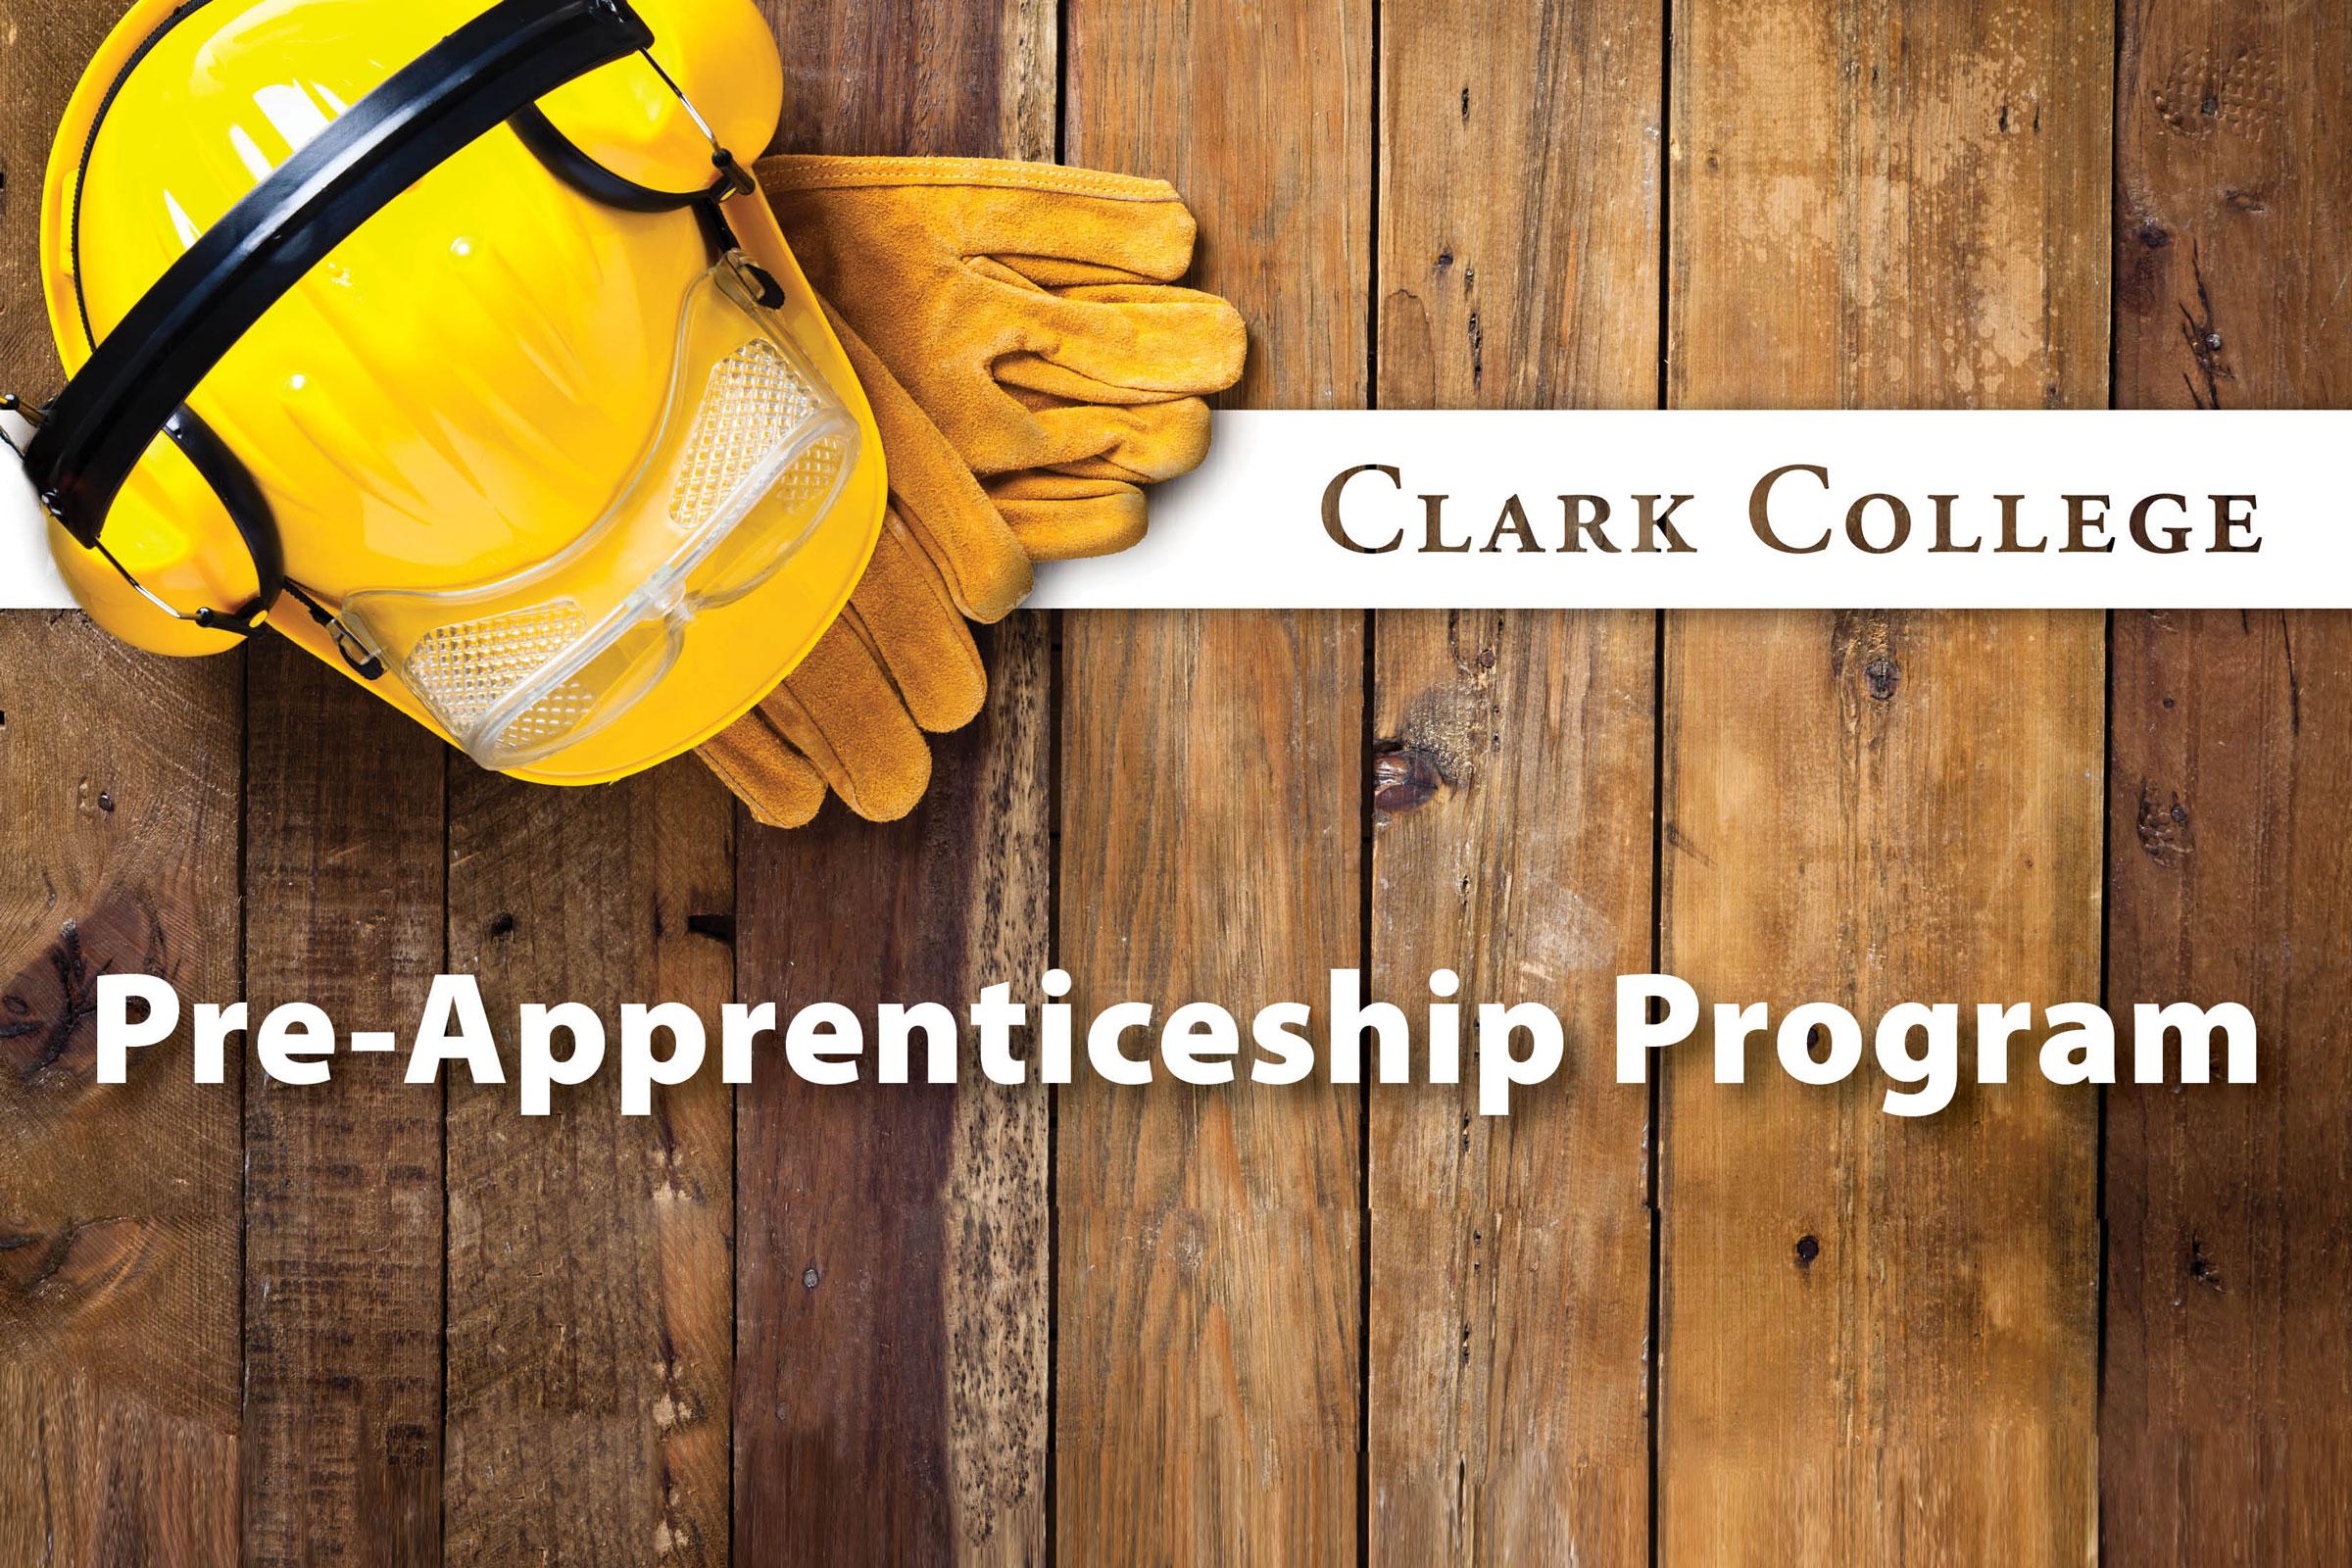 pre-apprentice program